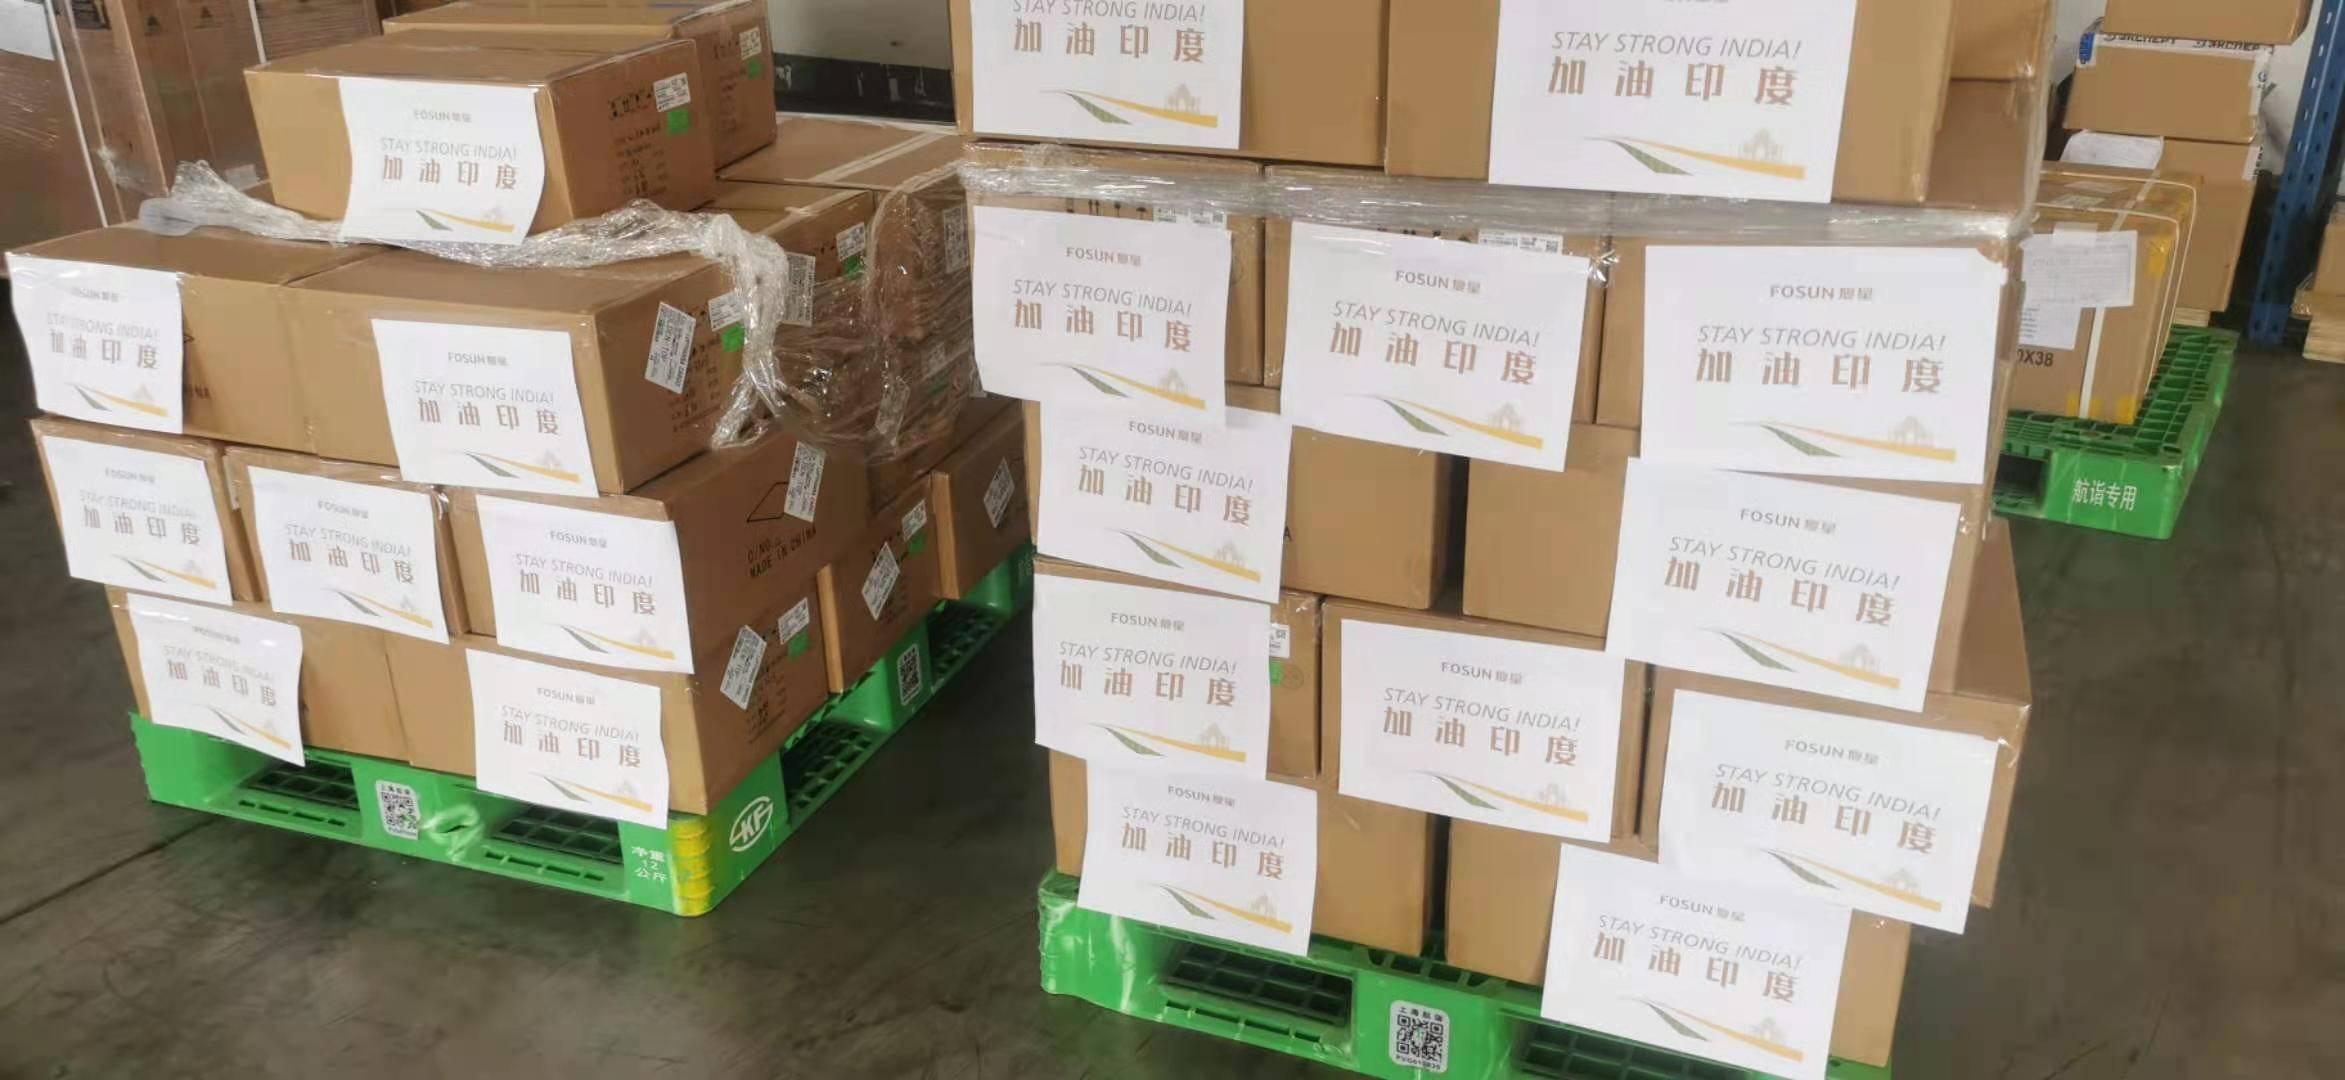 火速驰援印度 复星新一批10万只KN95口罩启程运往孟买